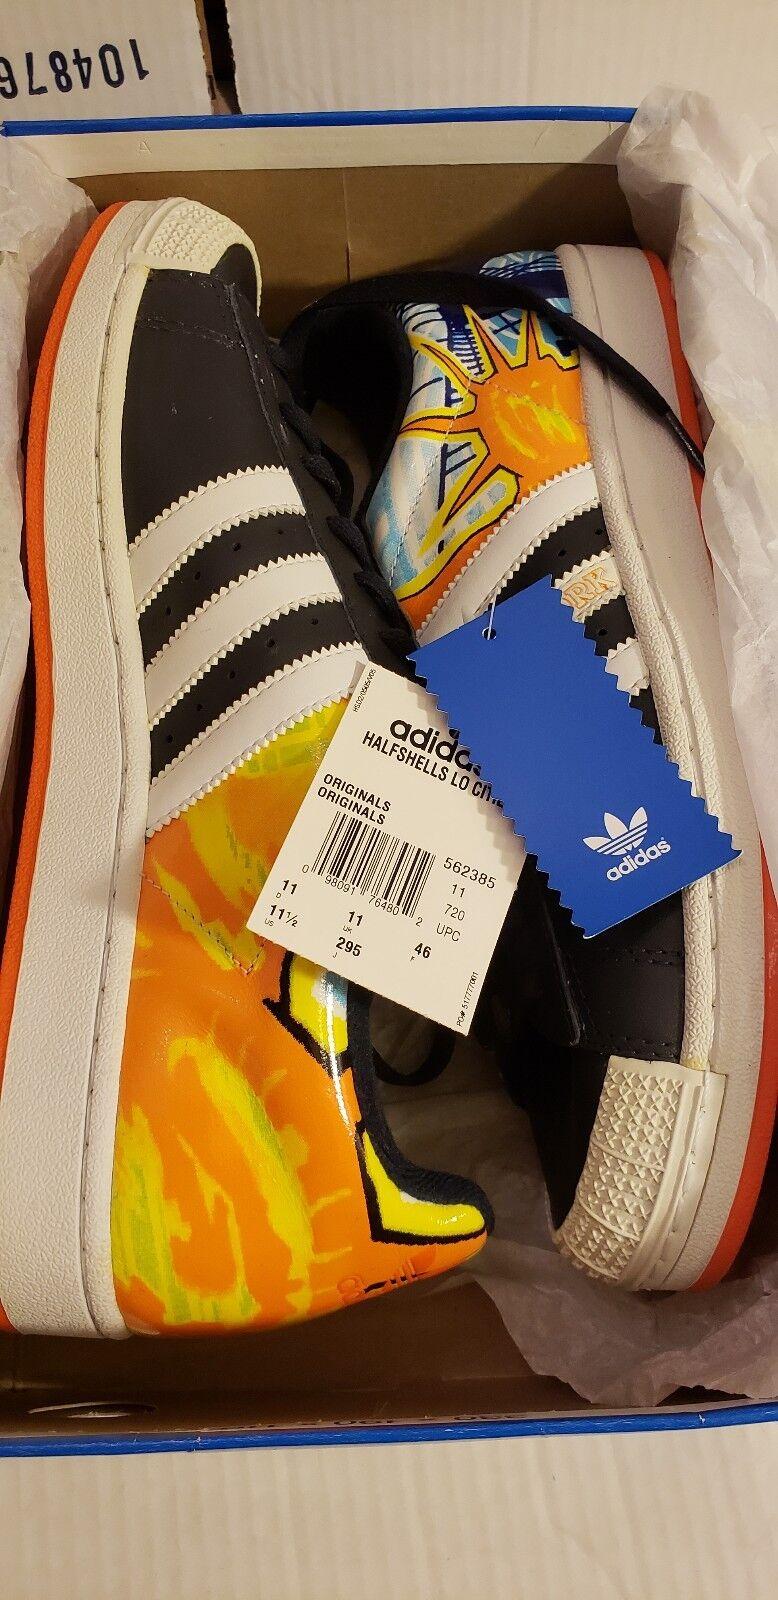 Für adidas halfshells halfshells halfshells lo citie nyc männer sportschuhe 562385 sz 11,5 28 gemeinden 384438